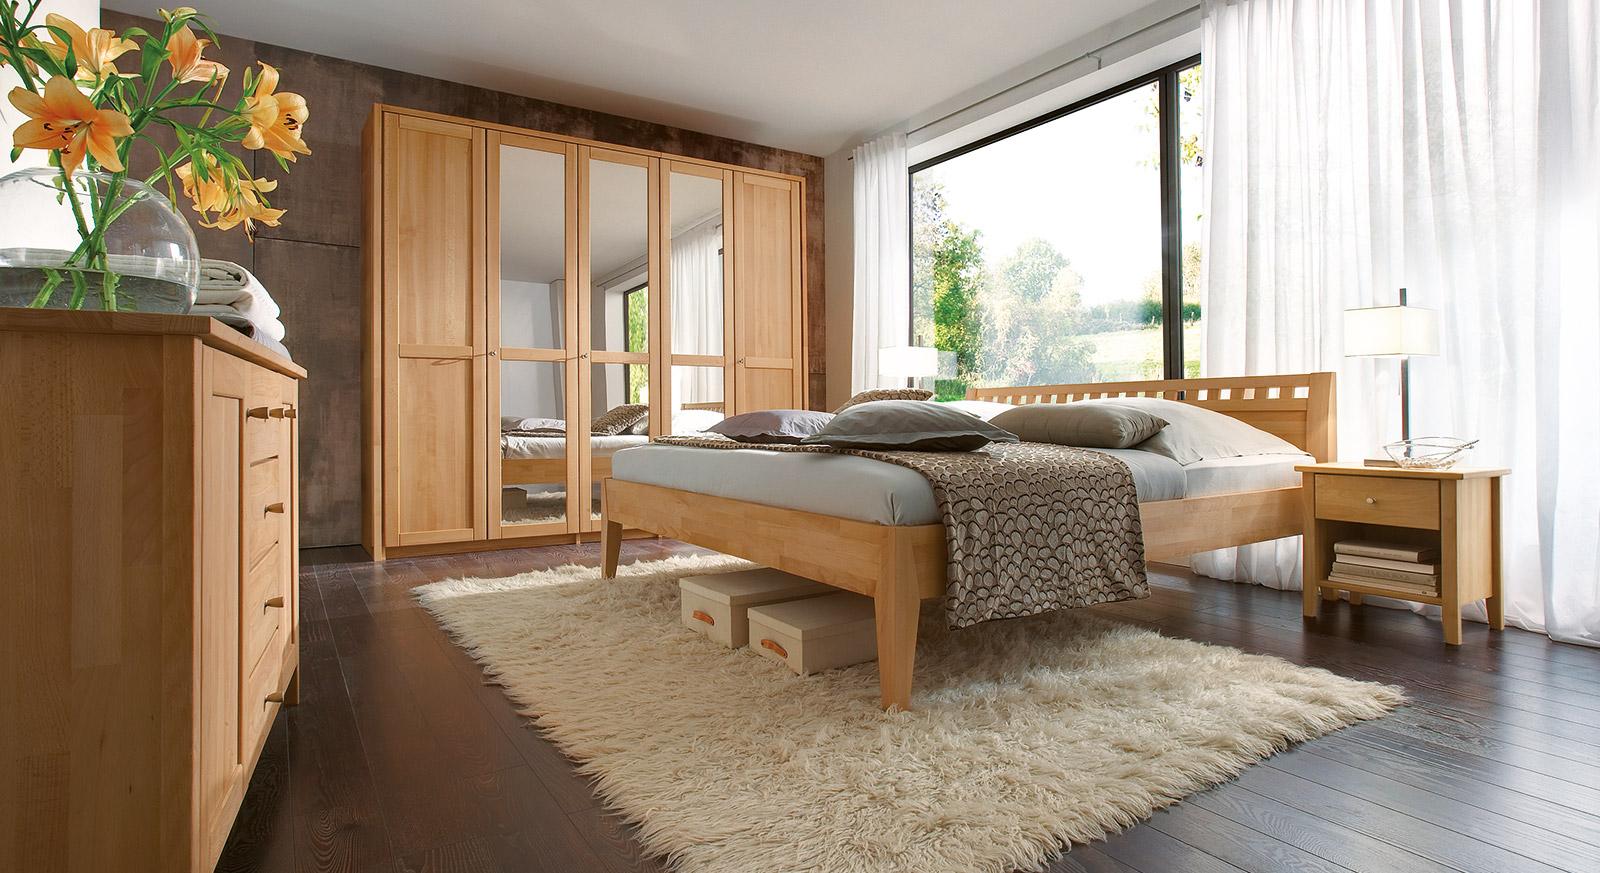 Stilvolles Bett Triest Mit Komfortabler Höhe